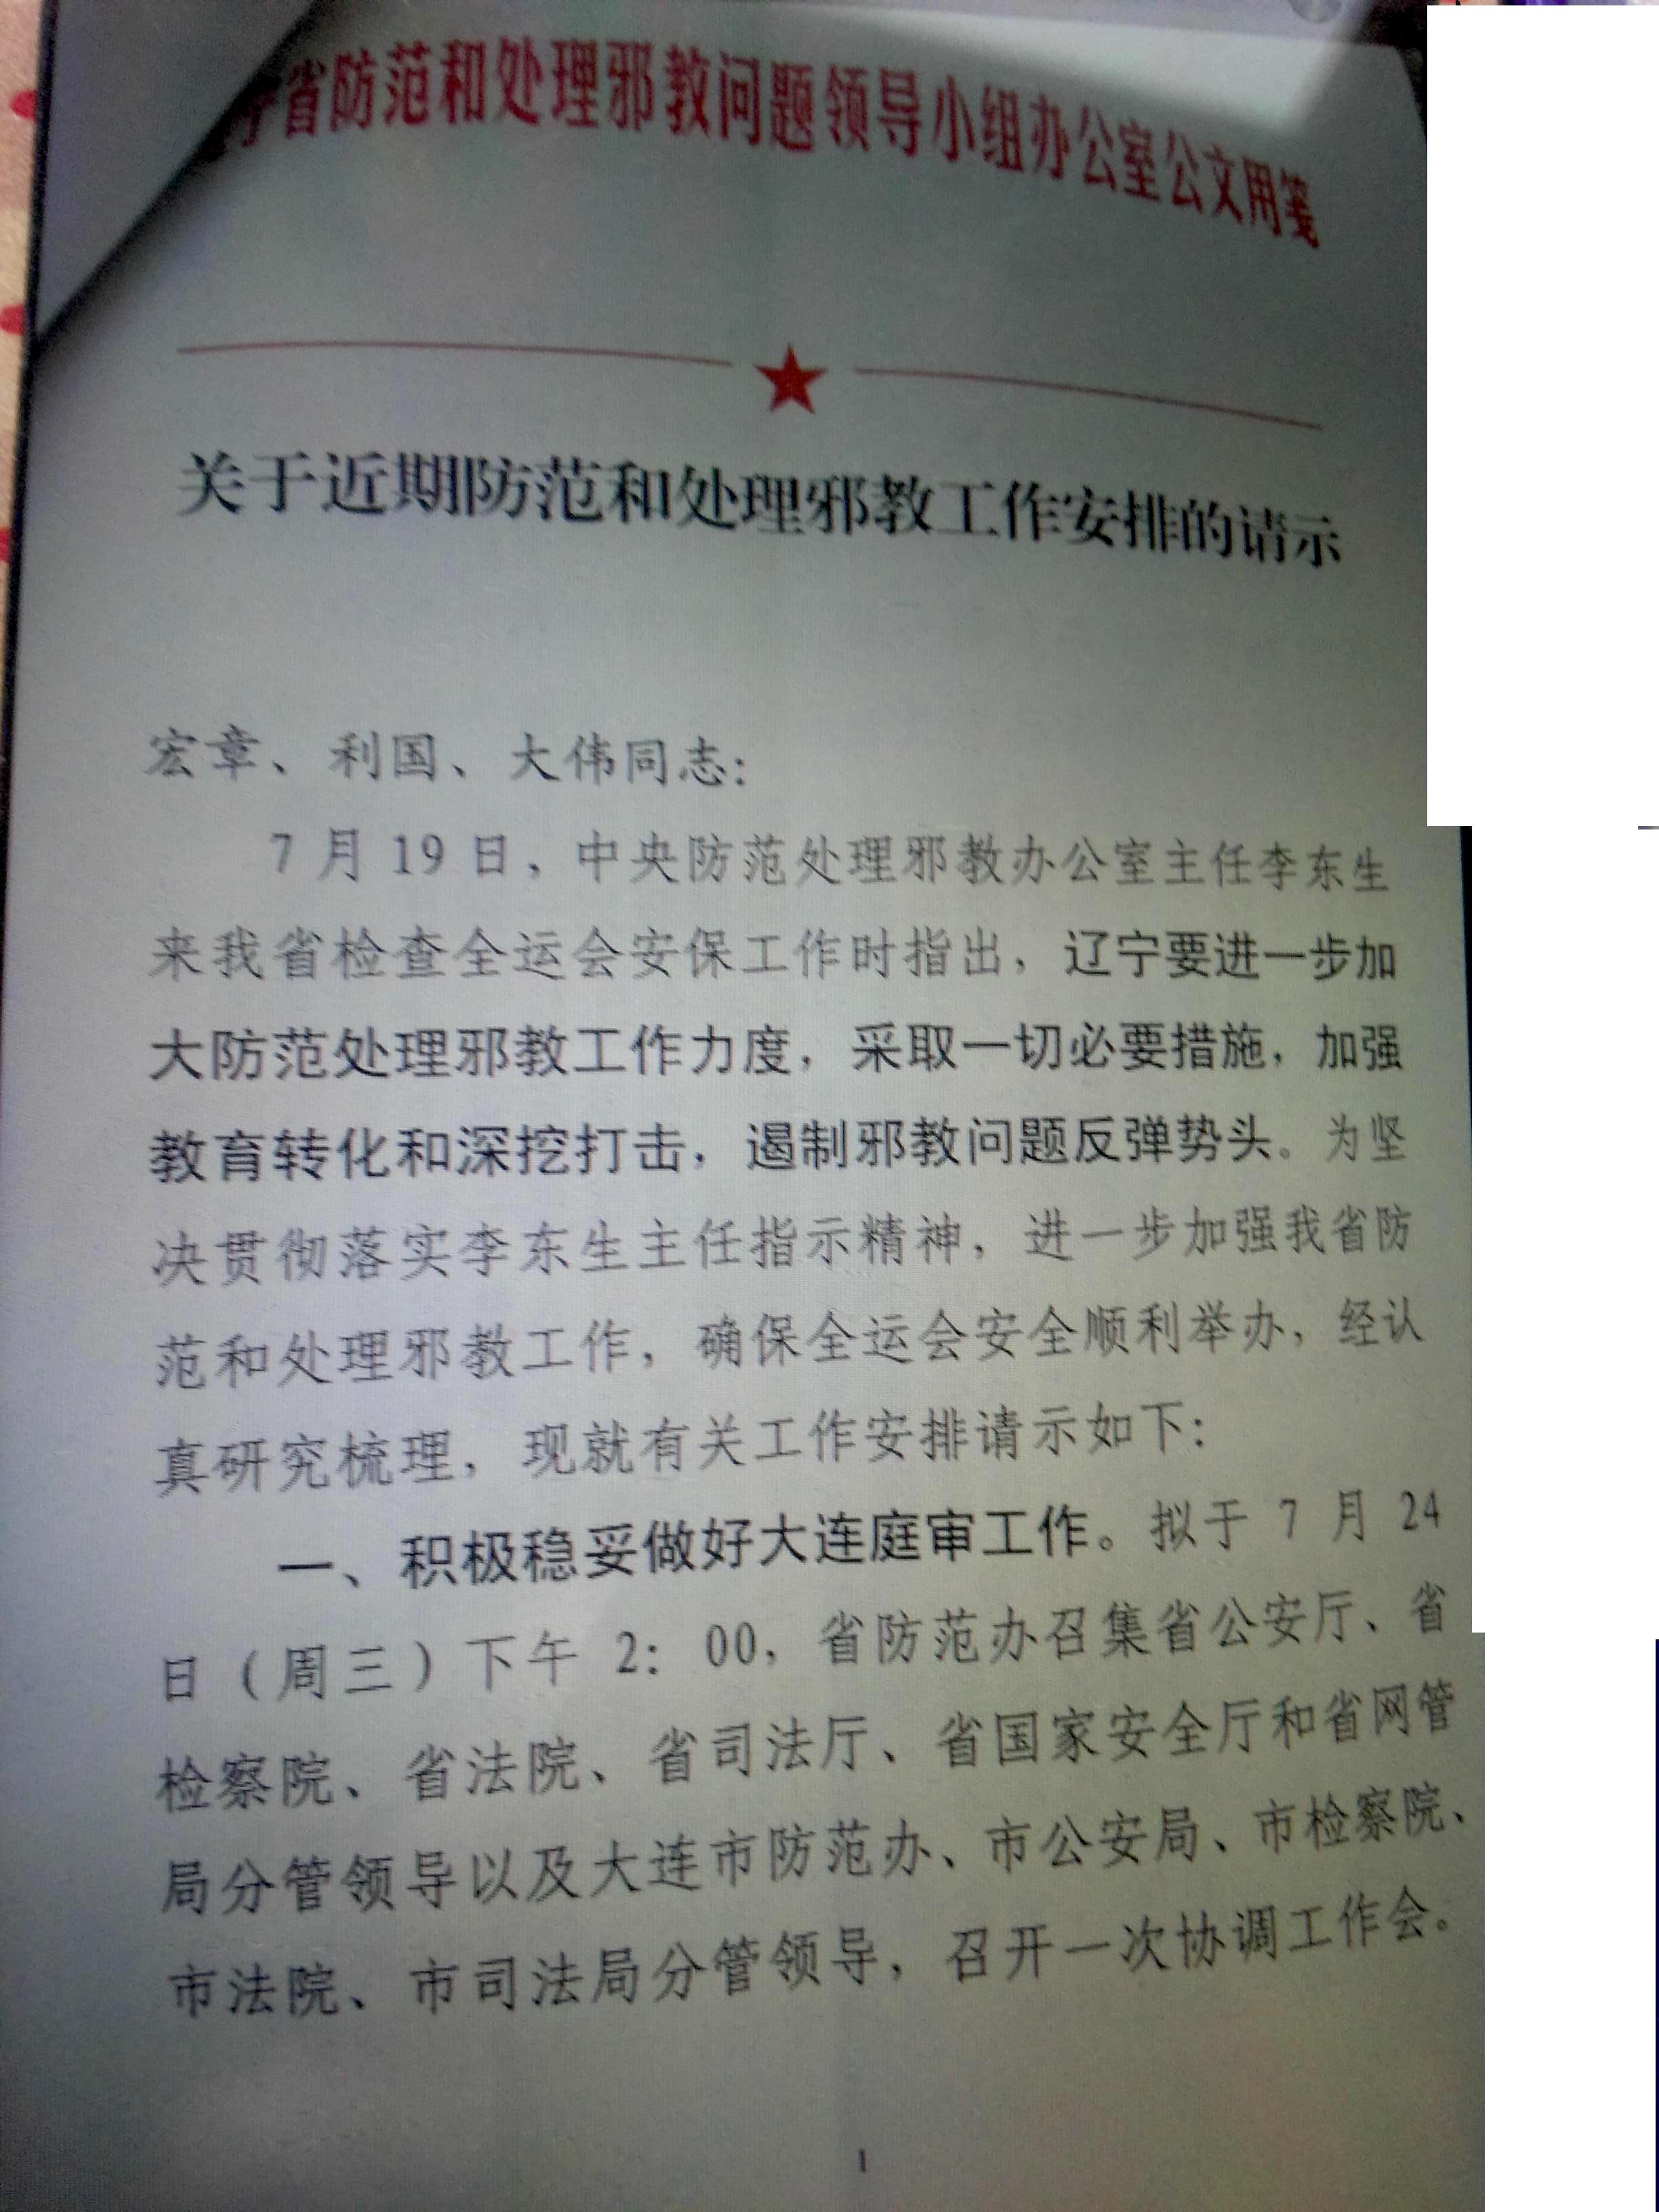 遼寧610辦的文件顯示李東生落馬前還在部署對法輪功學員的鎮壓。(大紀元)